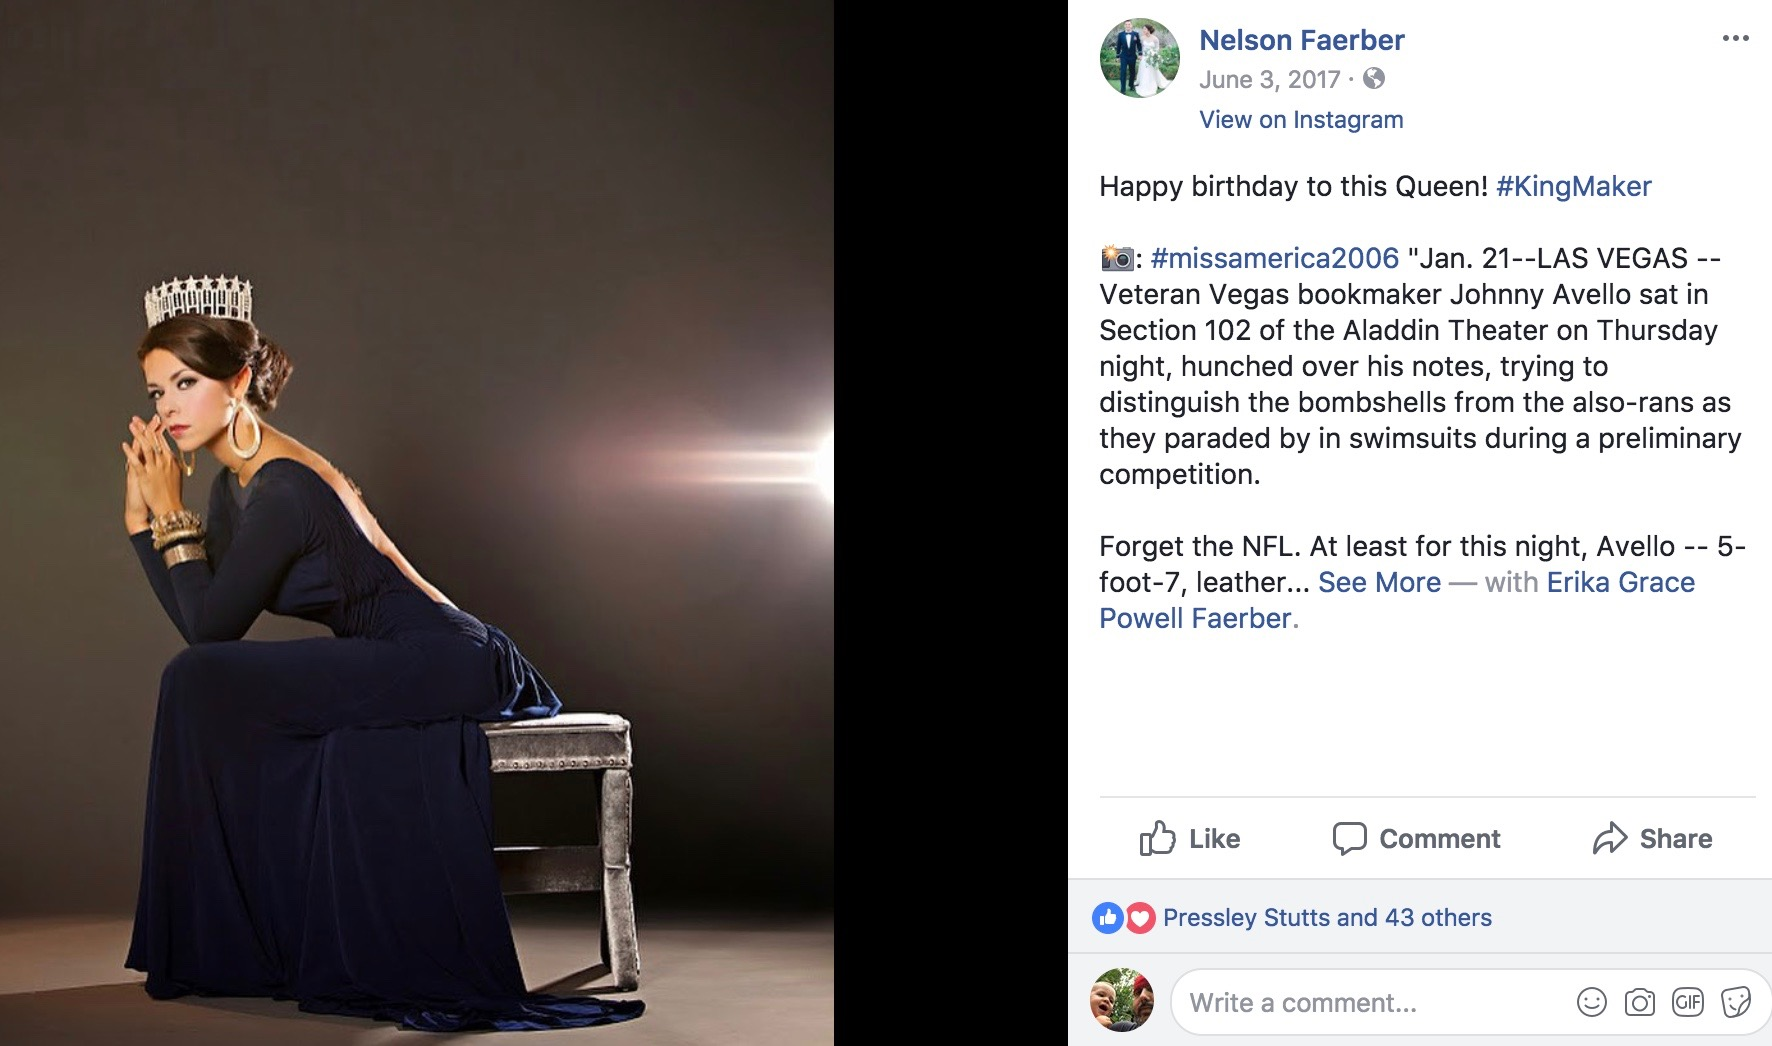 Nelson Faerber's #KingMaker – FITSNews